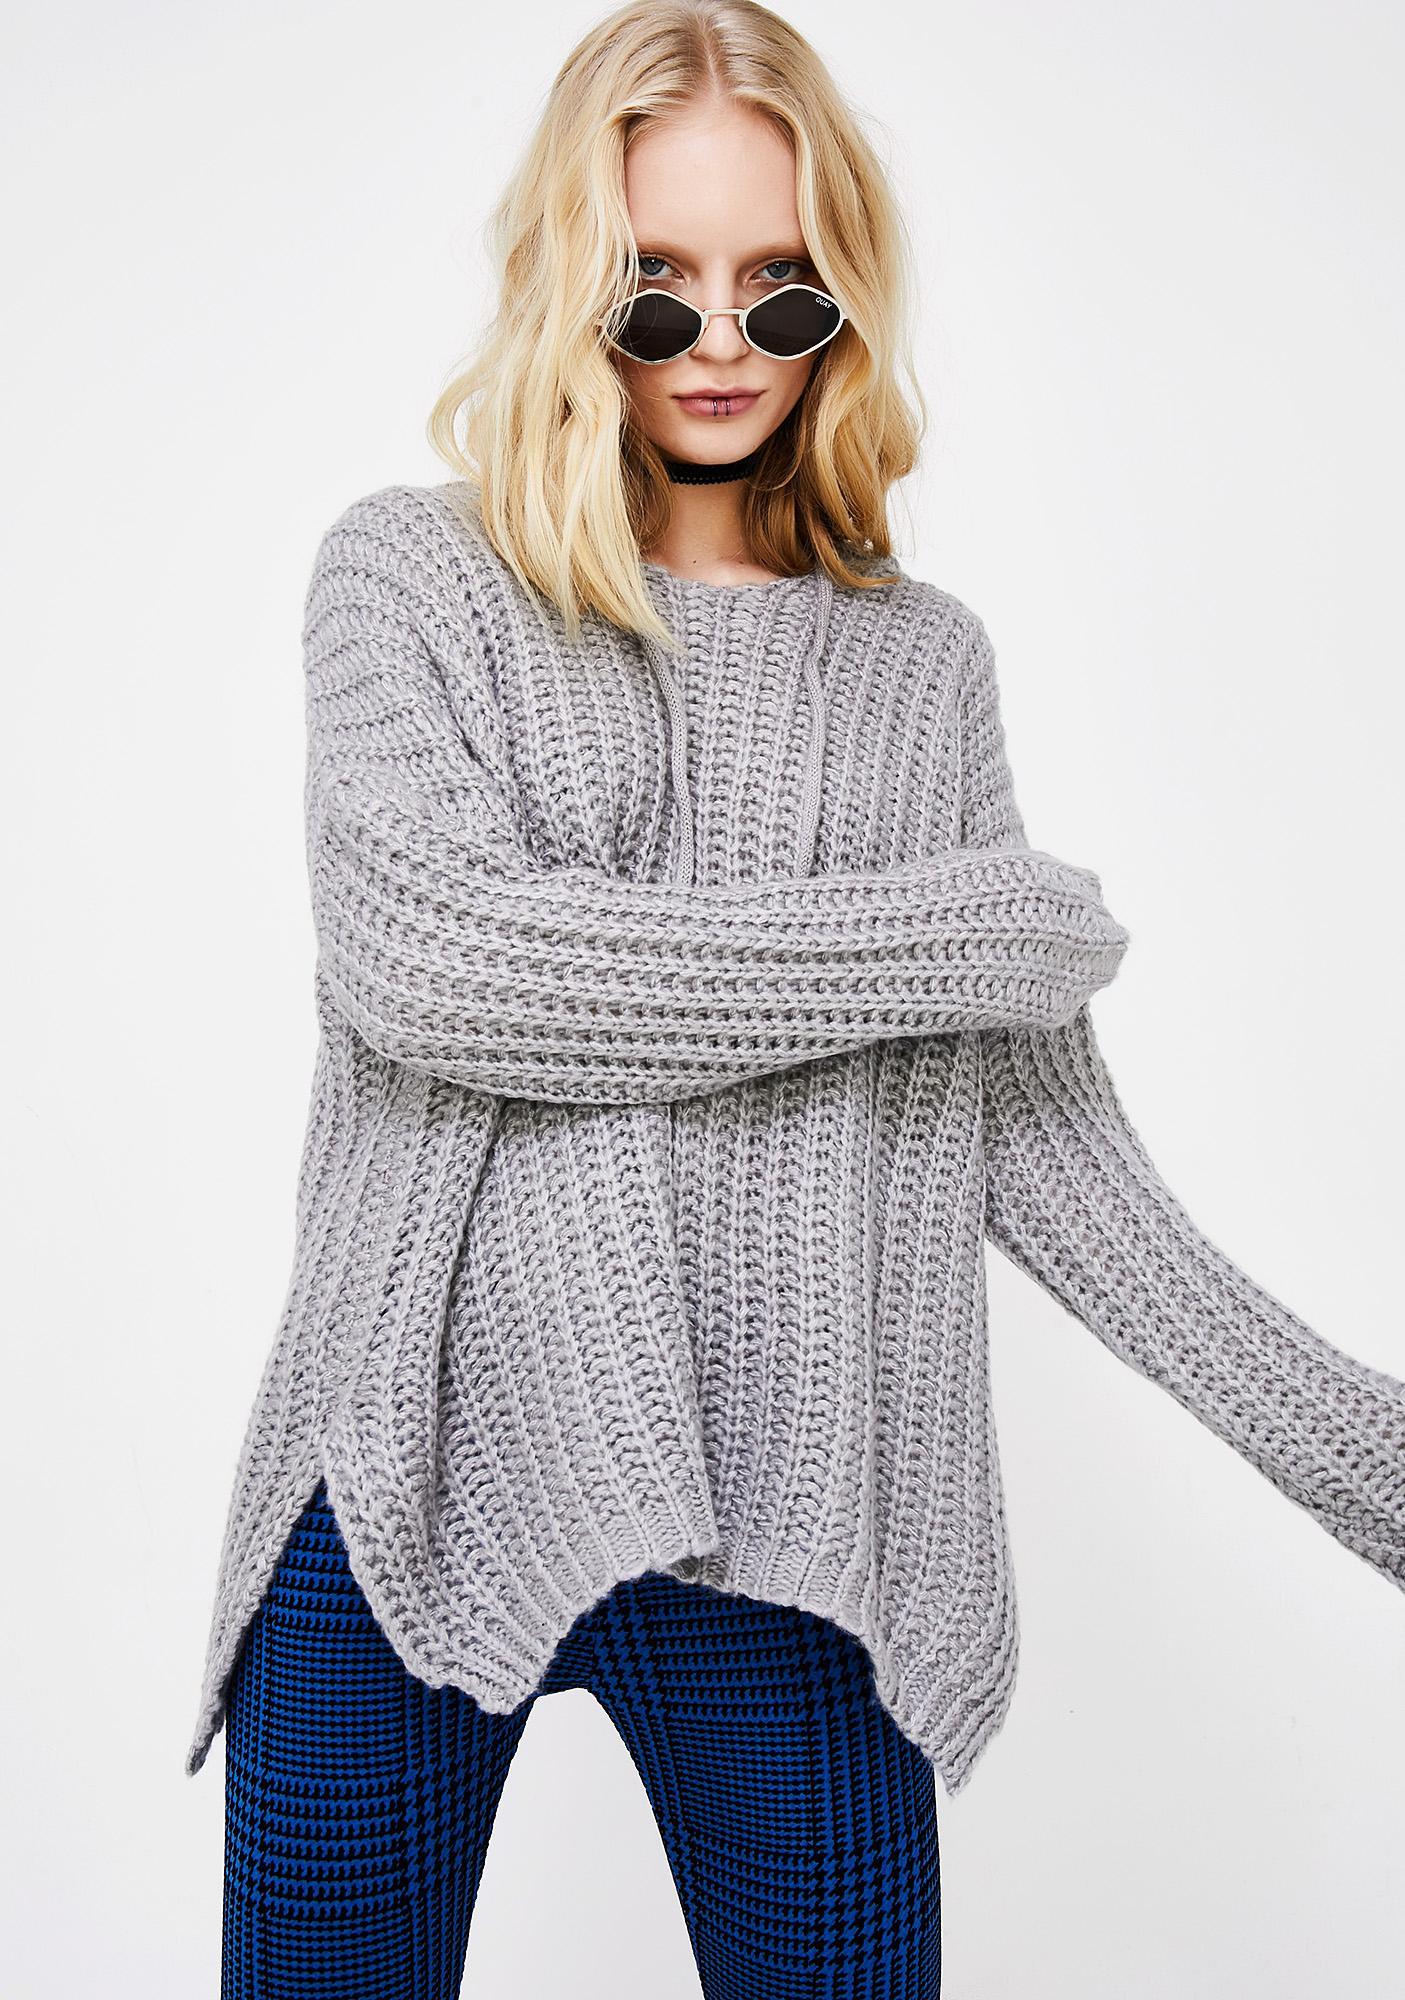 Hooded Knit Sweater | Dolls Kill